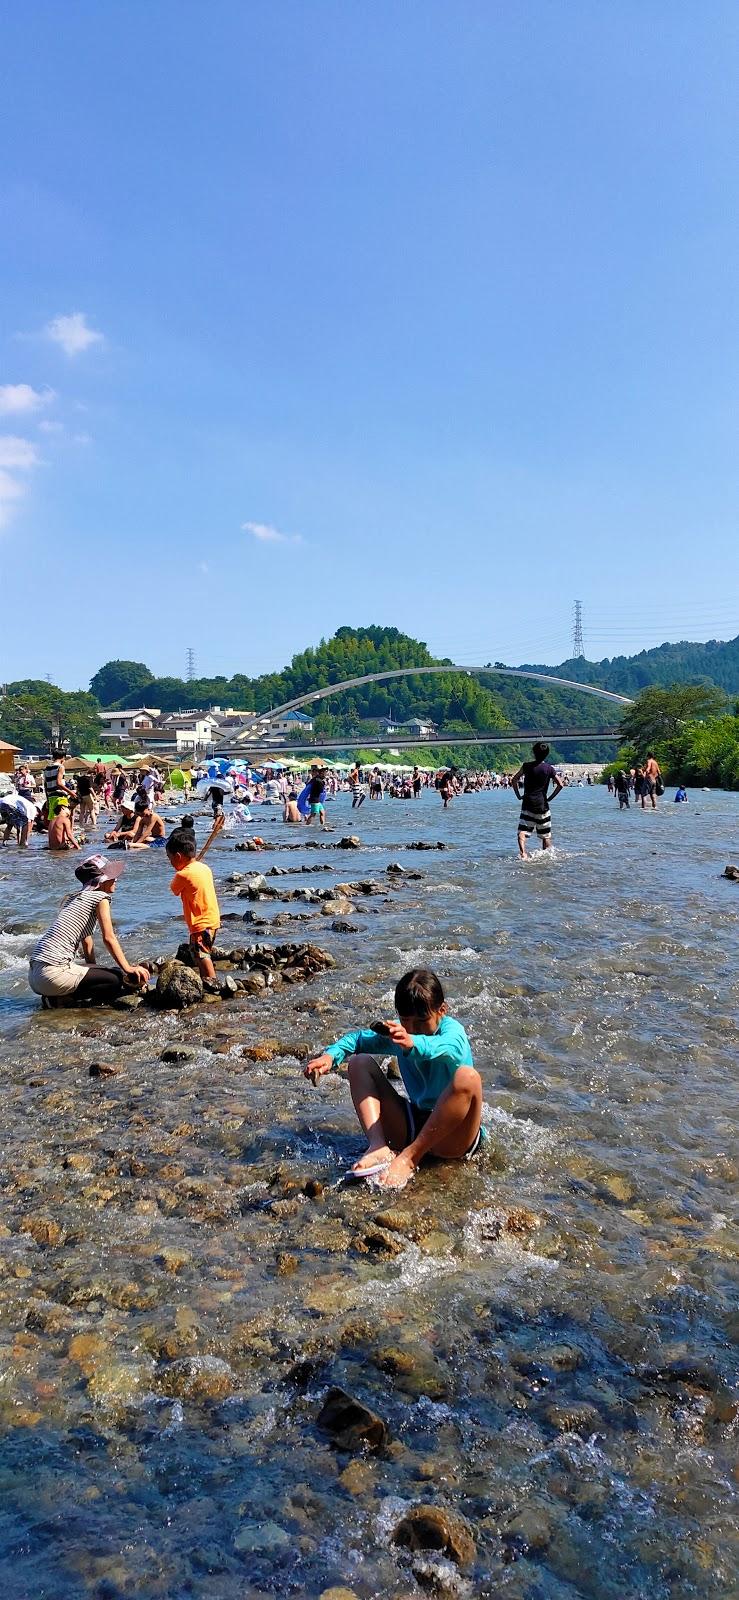 河川 公園 川橋 秋